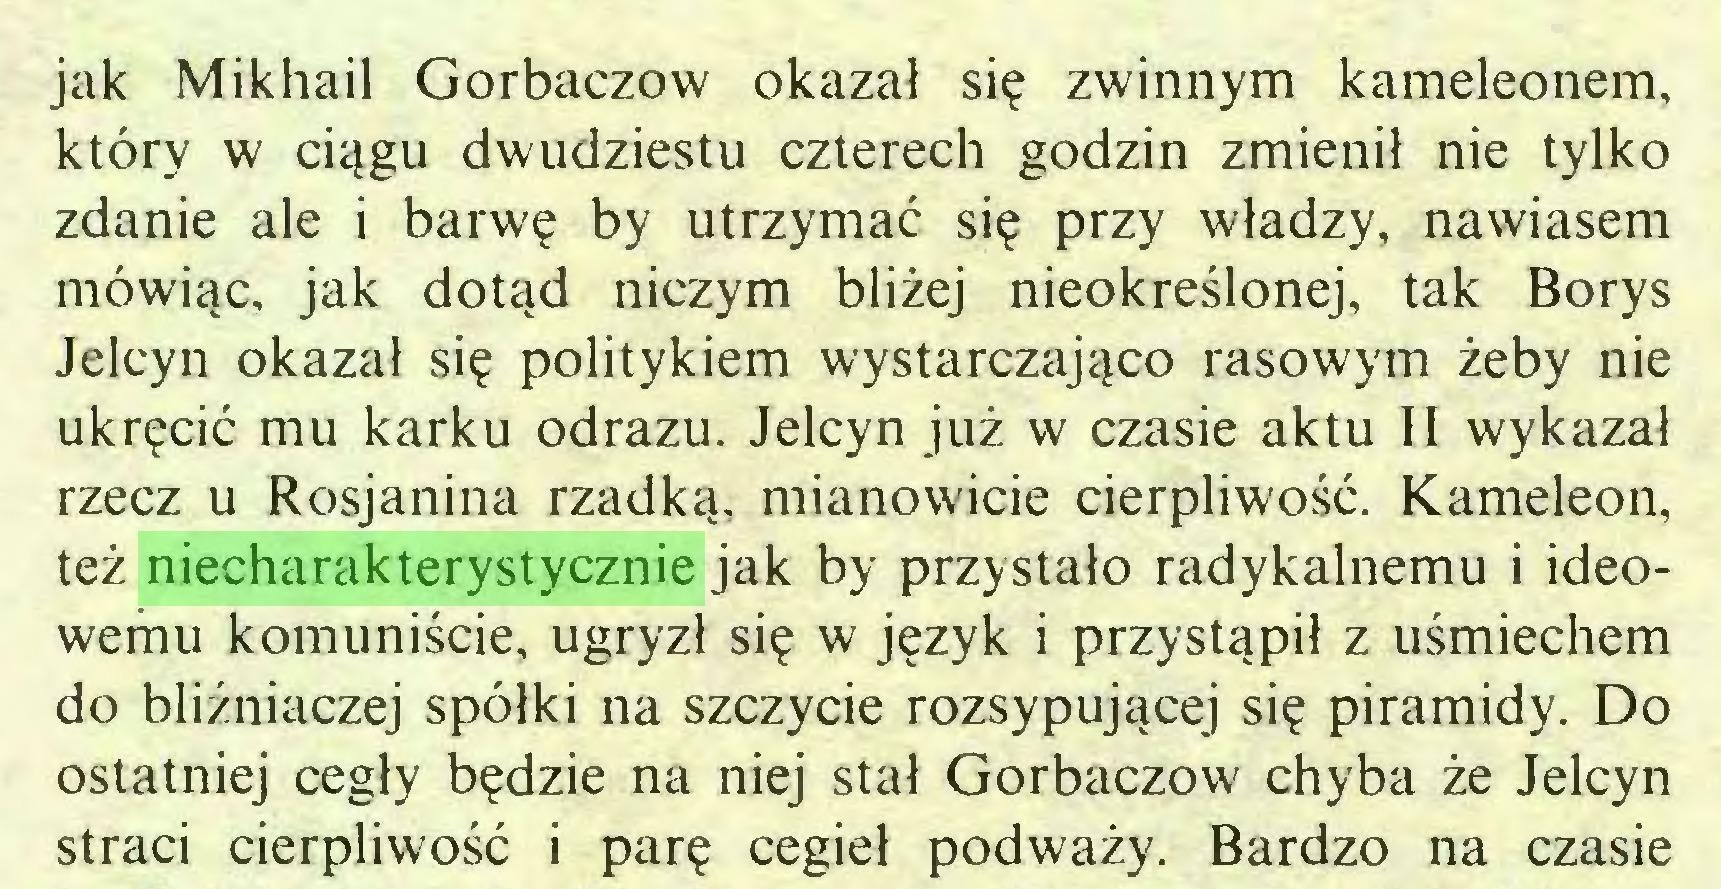 (...) jak Mikhail Gorbaczow okazał się zwinnym kameleonem, który w ciągu dwudziestu czterech godzin zmienił nie tylko zdanie ale i barwę by utrzymać się przy władzy, nawiasem mówiąc, jak dotąd niczym bliżej nieokreślonej, tak Borys Jelcyn okazał się politykiem wystarczająco rasowym żeby nie ukręcić mu karku odrazu. Jelcyn już w czasie aktu II wykazał rzecz u Rosjanina rzadką, mianowicie cierpliwość. Kameleon, też niecharakterystycznie jak by przystało radykalnemu i ideowemu komuniście, ugryzł się w język i przystąpił z uśmiechem do bliźniaczej spółki na szczycie rozsypującej się piramidy. Do ostatniej cegły będzie na niej stał Gorbaczow chyba że Jelcyn straci cierpliwość i parę cegieł podważy. Bardzo na czasie...